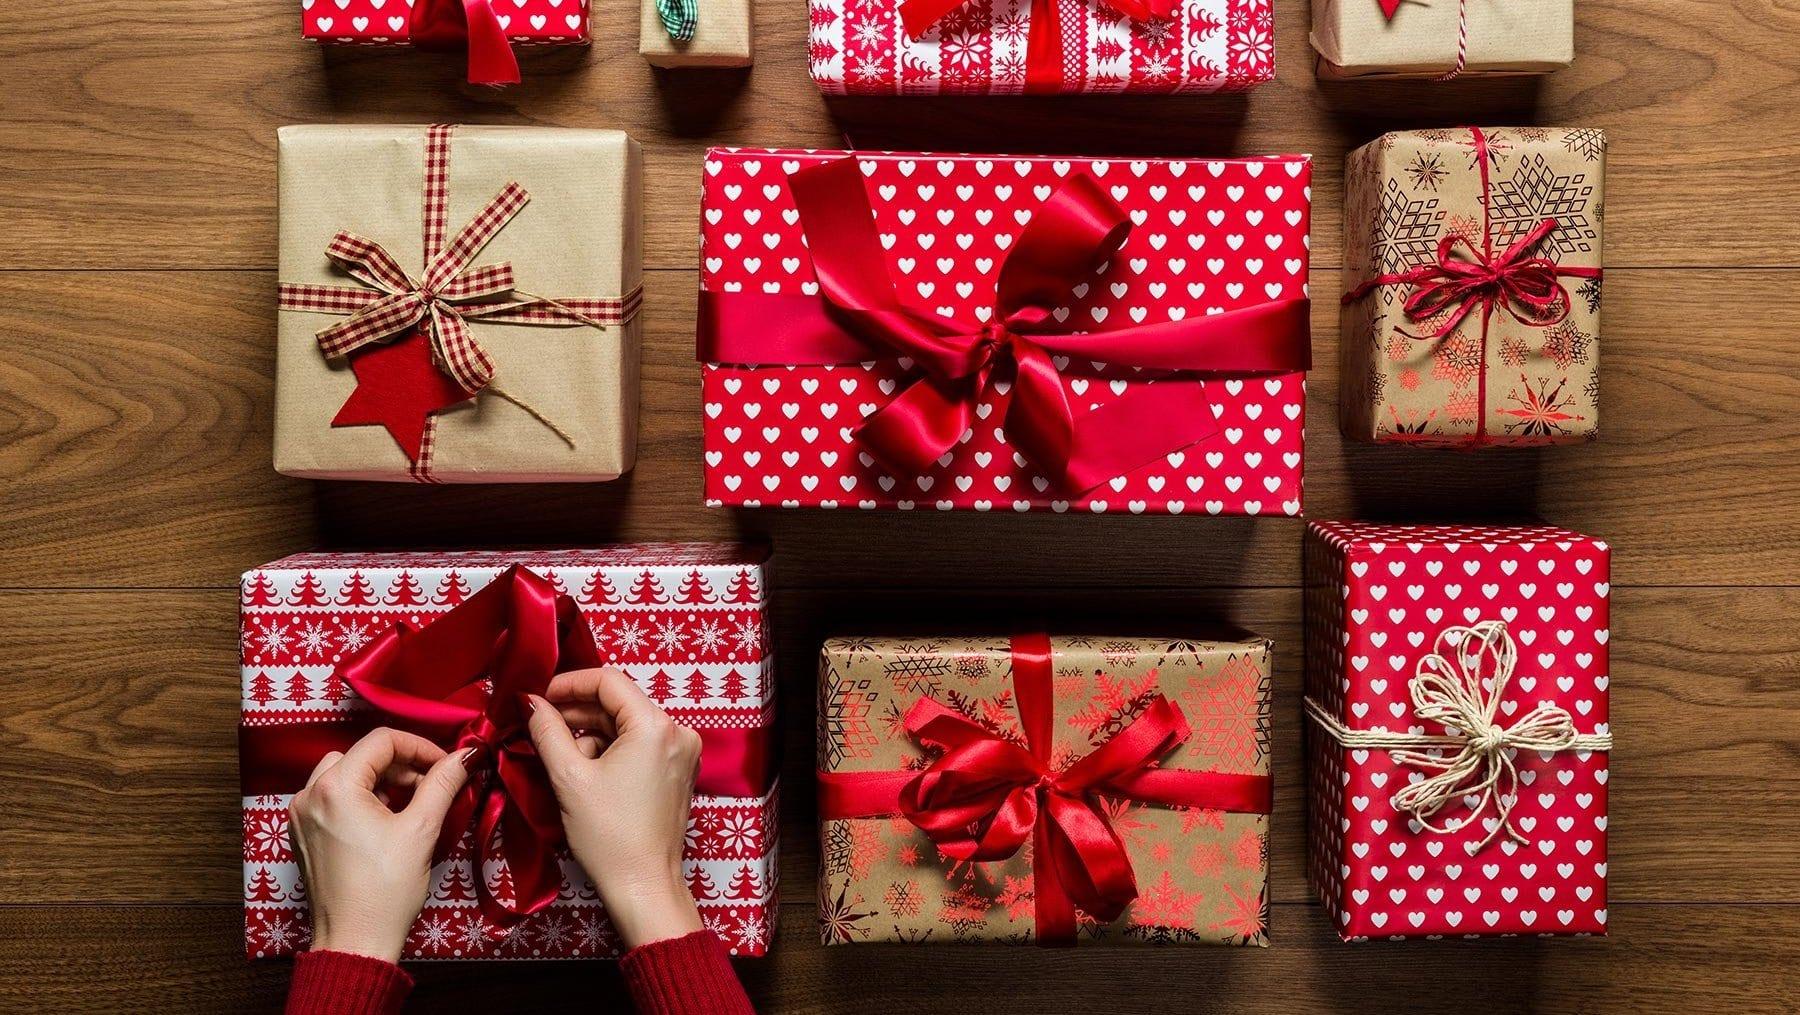 أفكار هدايا للبنات غير تقليدية